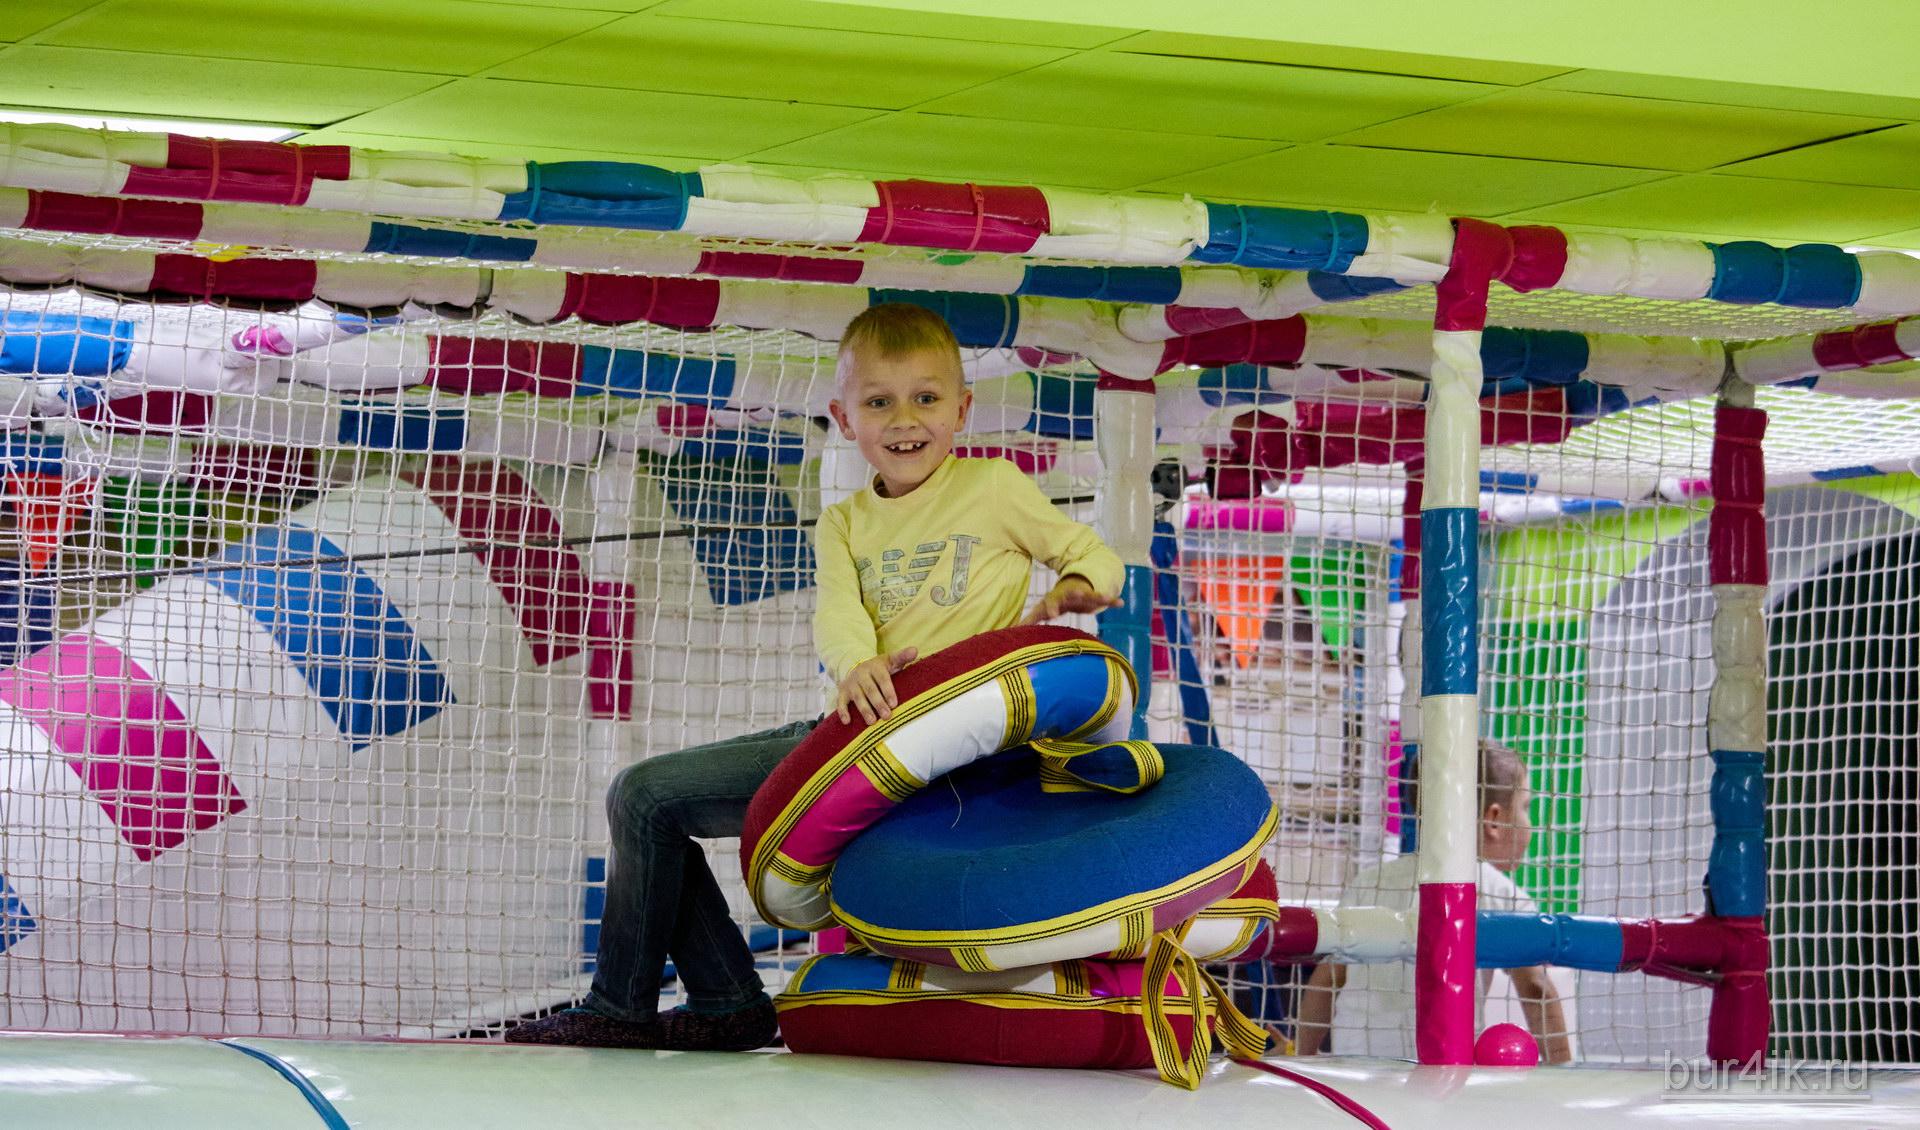 Фото Детское День Рождения в Детский Дворик 15.01.2020 №316 -photo- bur4ik.ru